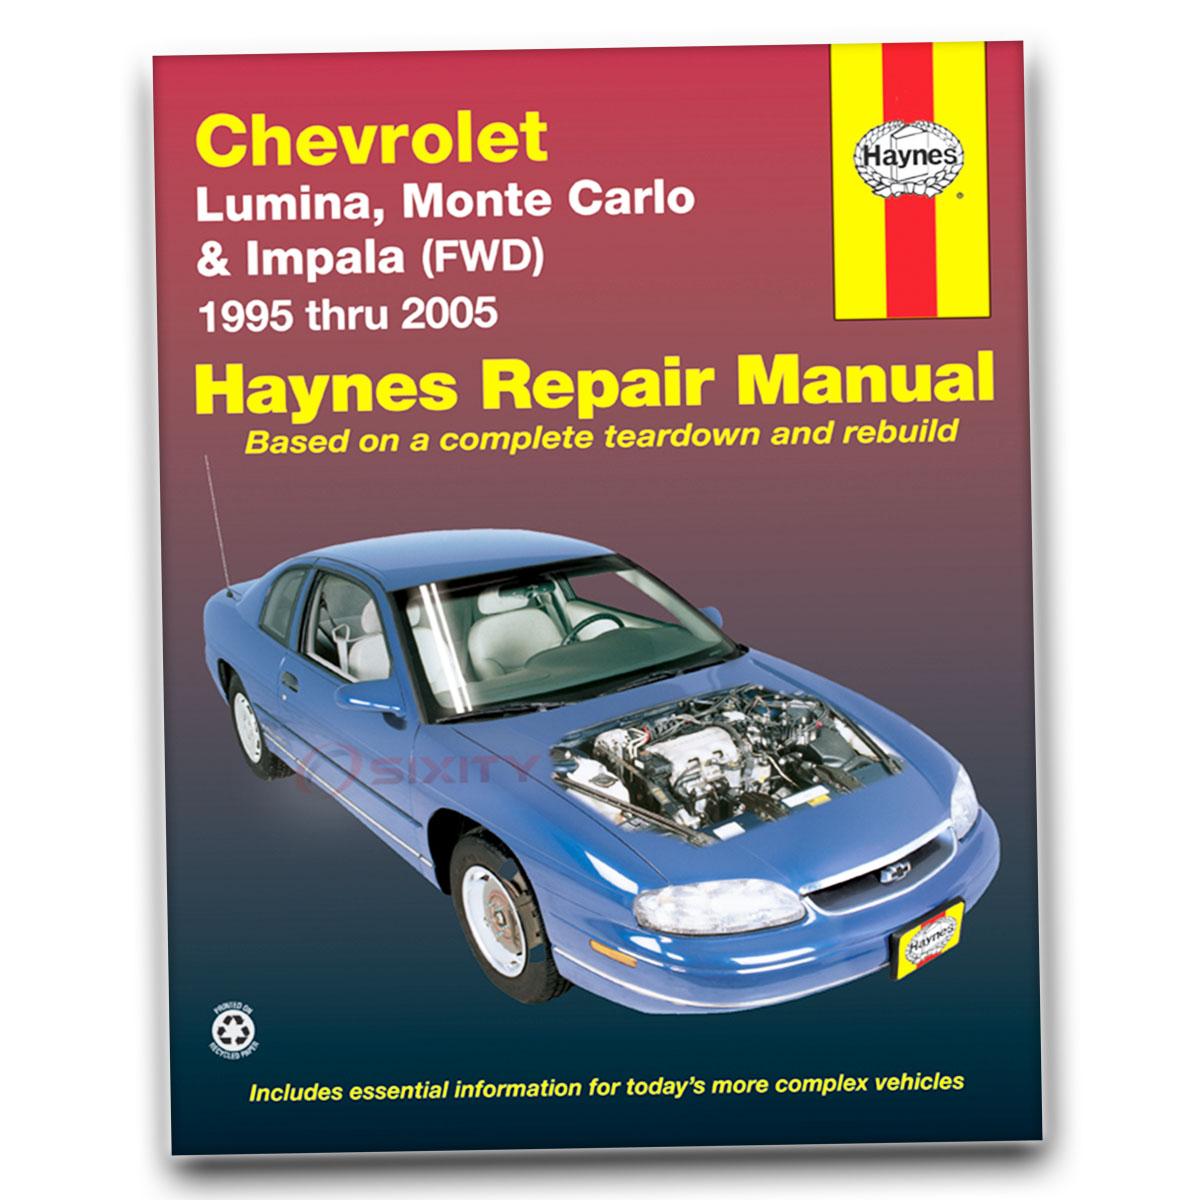 Haynes Repair Manual 24048 for Chevrolet Lumina Monte Carlo 95-05 Shop hr